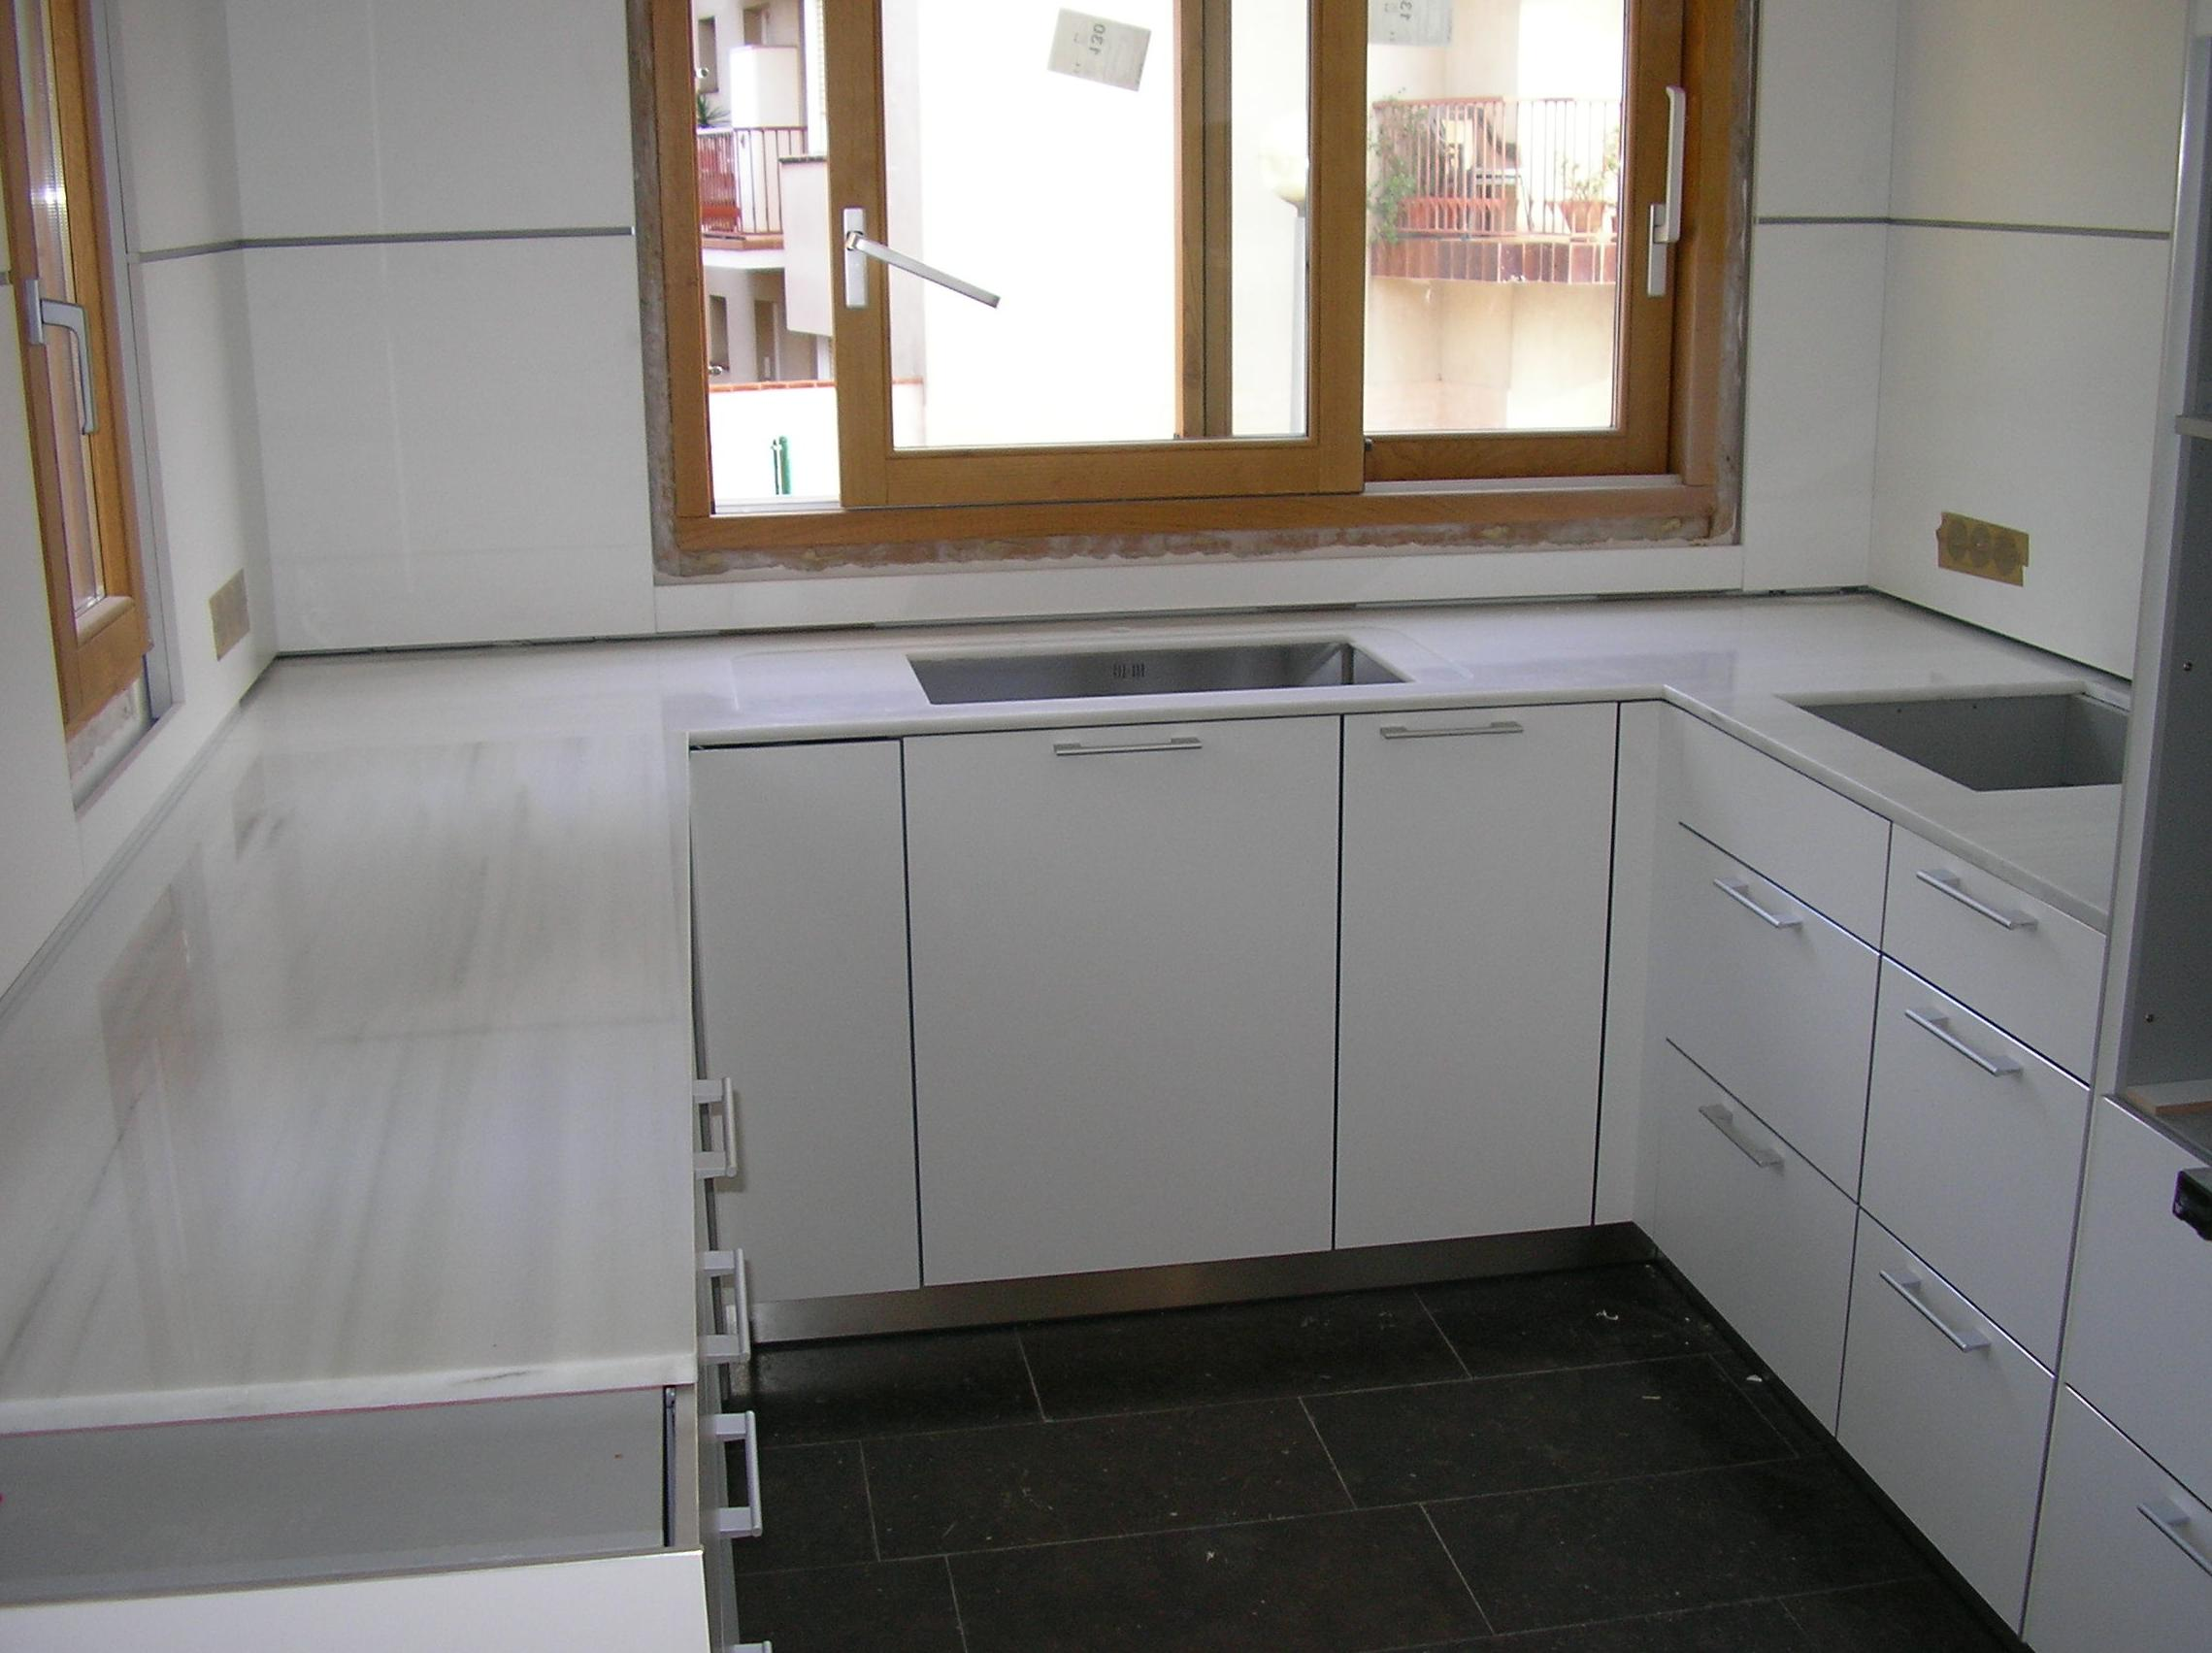 Encimera marmol encimera de mrmol encimeras de cocinas for Encimeras de marmol